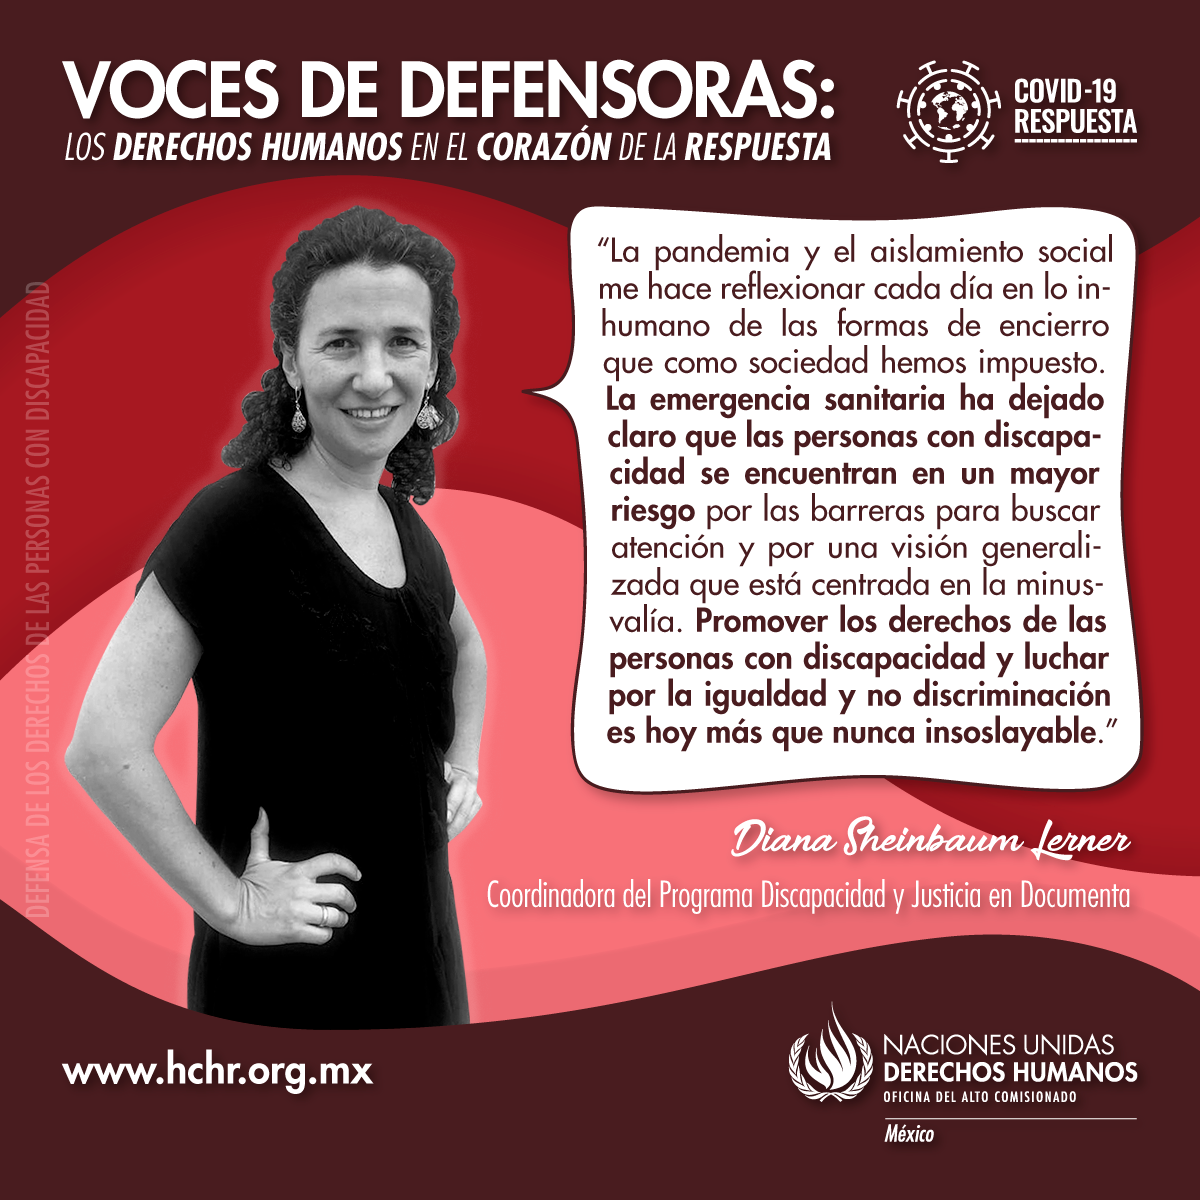 VocesDefensoras_COVID_DianaS